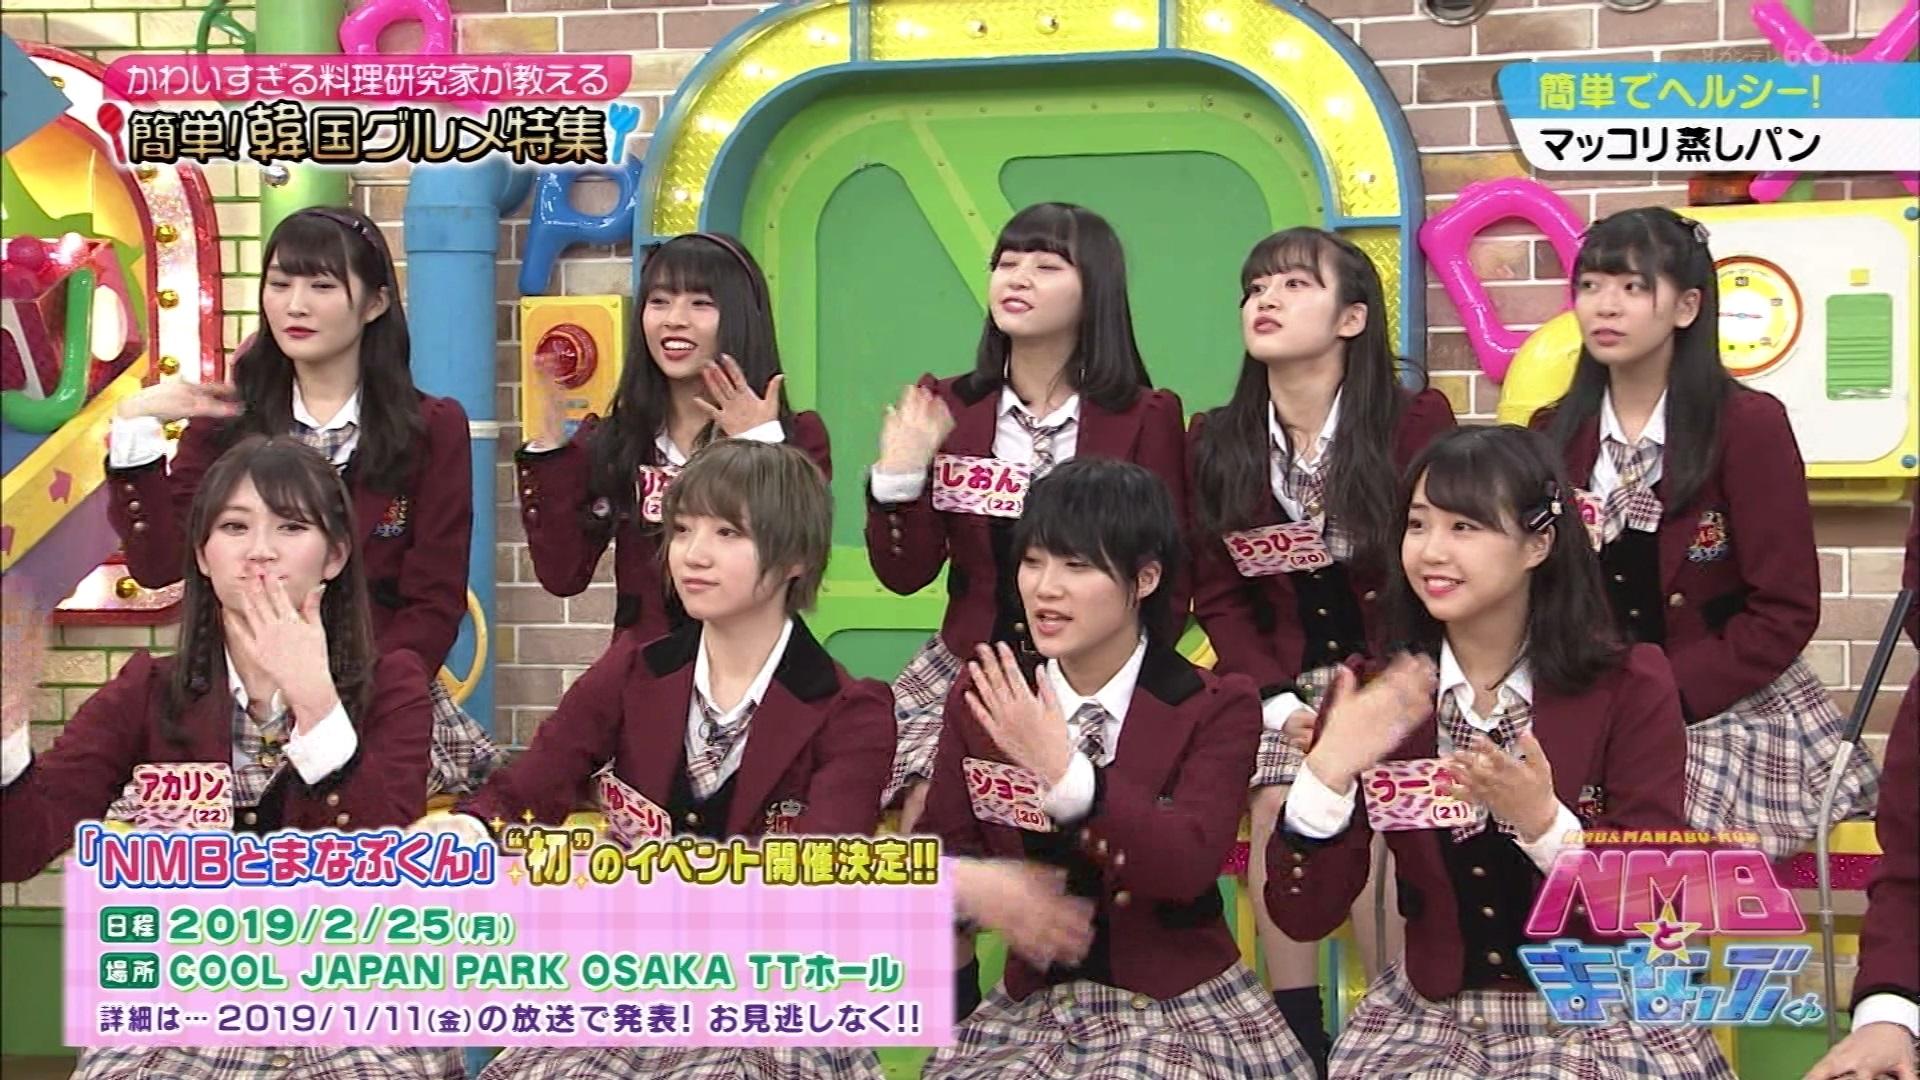 【NMB48】2019年2月25日にCOOL JAPAN PARK OSAKA TTホールで「NMBとまなぶくん」の番組イベントが開催